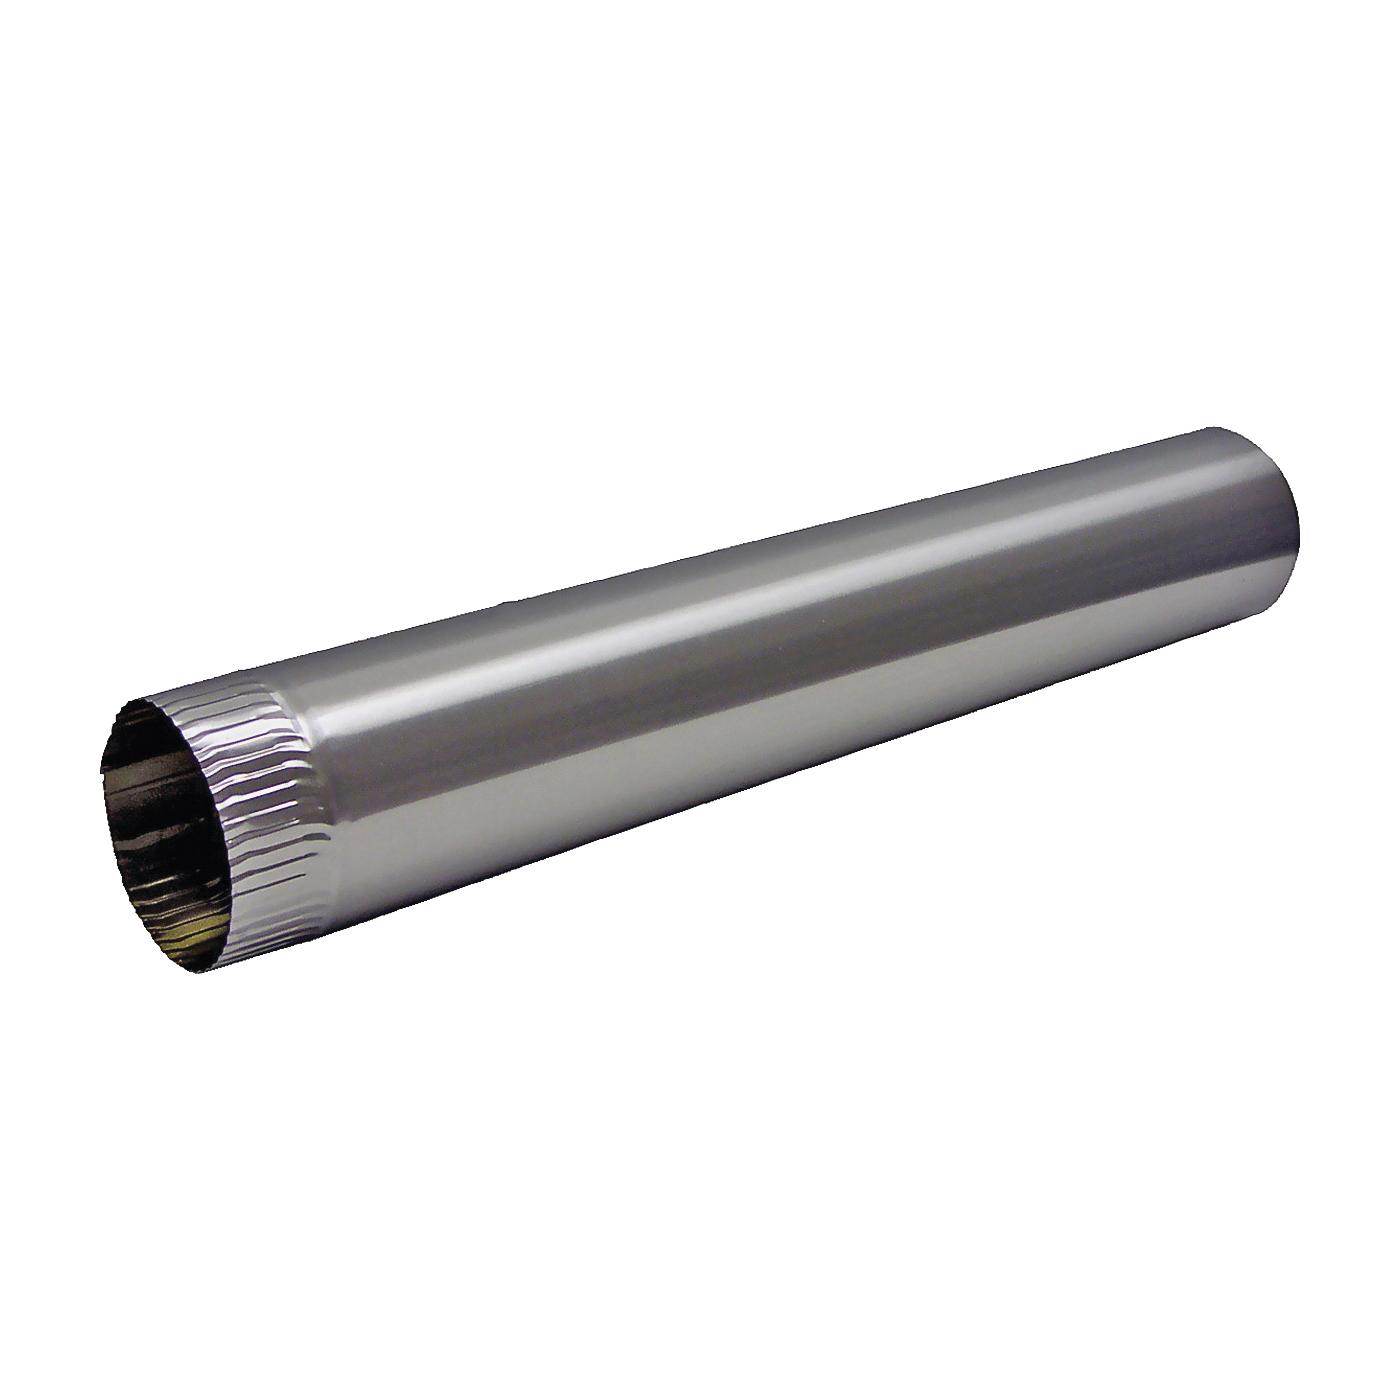 Picture of Lambro 427 Snap Lock Pipe, 4 in Dia, 60 in L, Aluminum